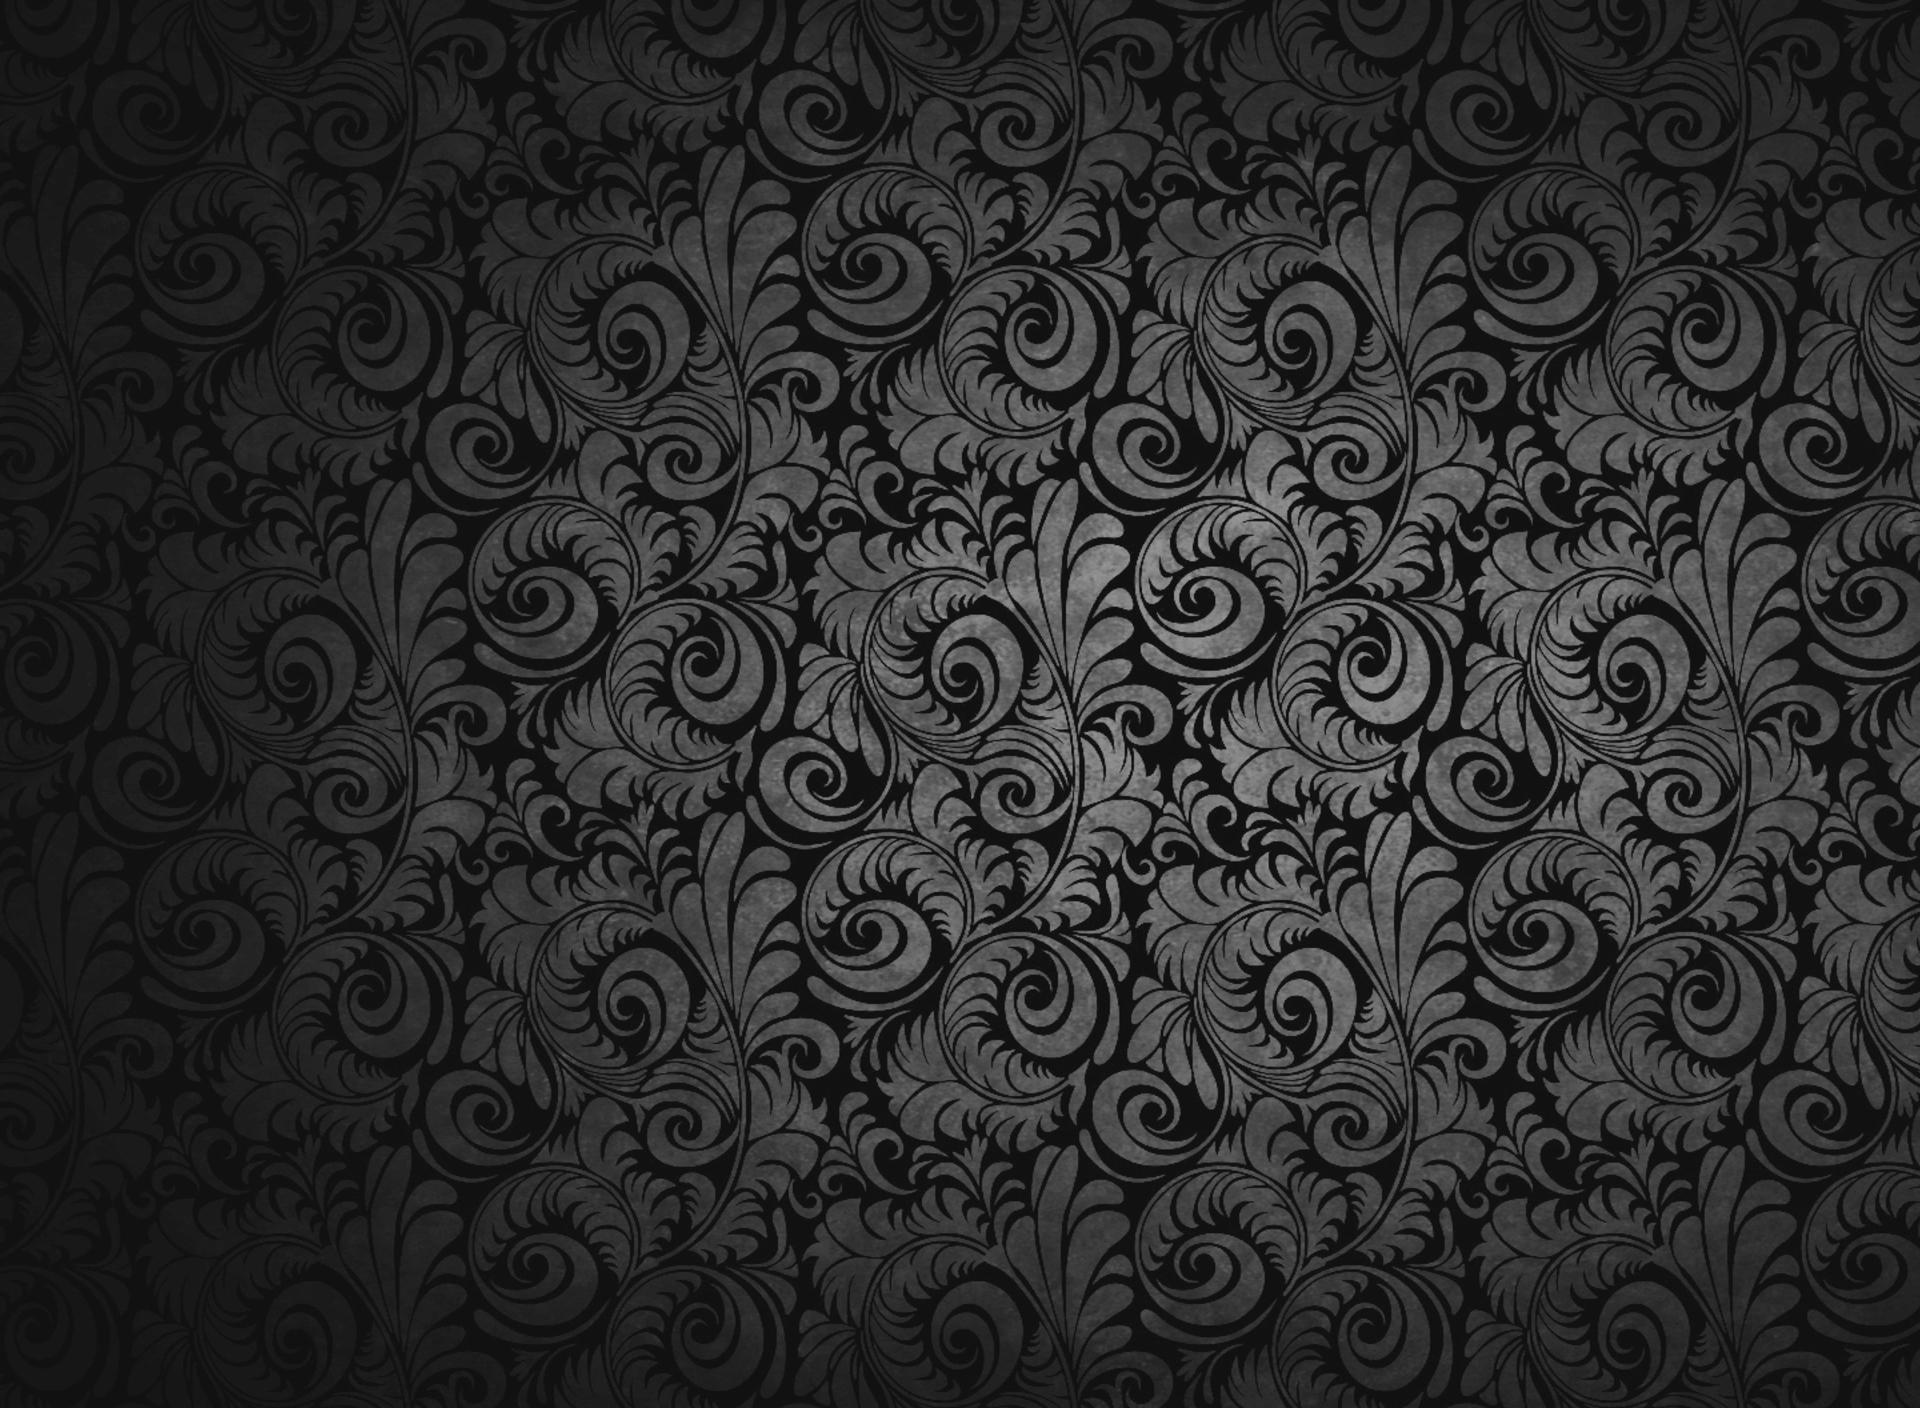 <b>Dark Fractal</b> Flower Stock Illustration - Image: 88015539